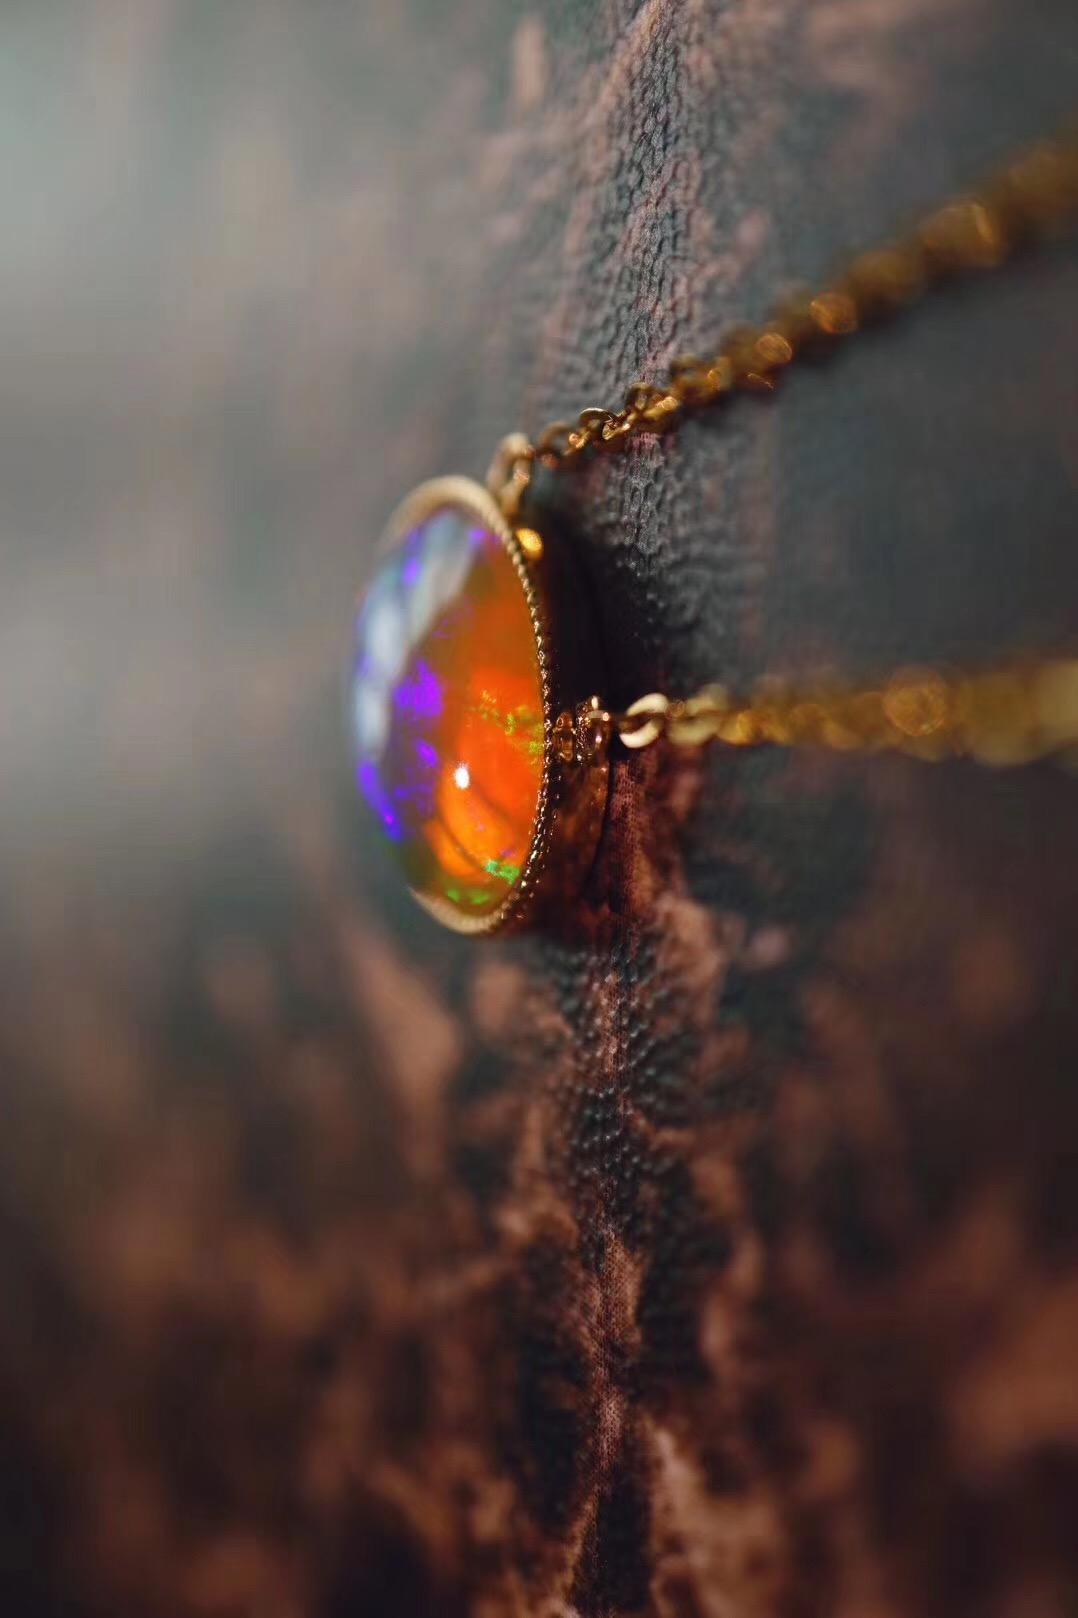 【菩心-欧泊石锁骨链】一枚灵气的吊坠,自带故事~~-菩心晶舍